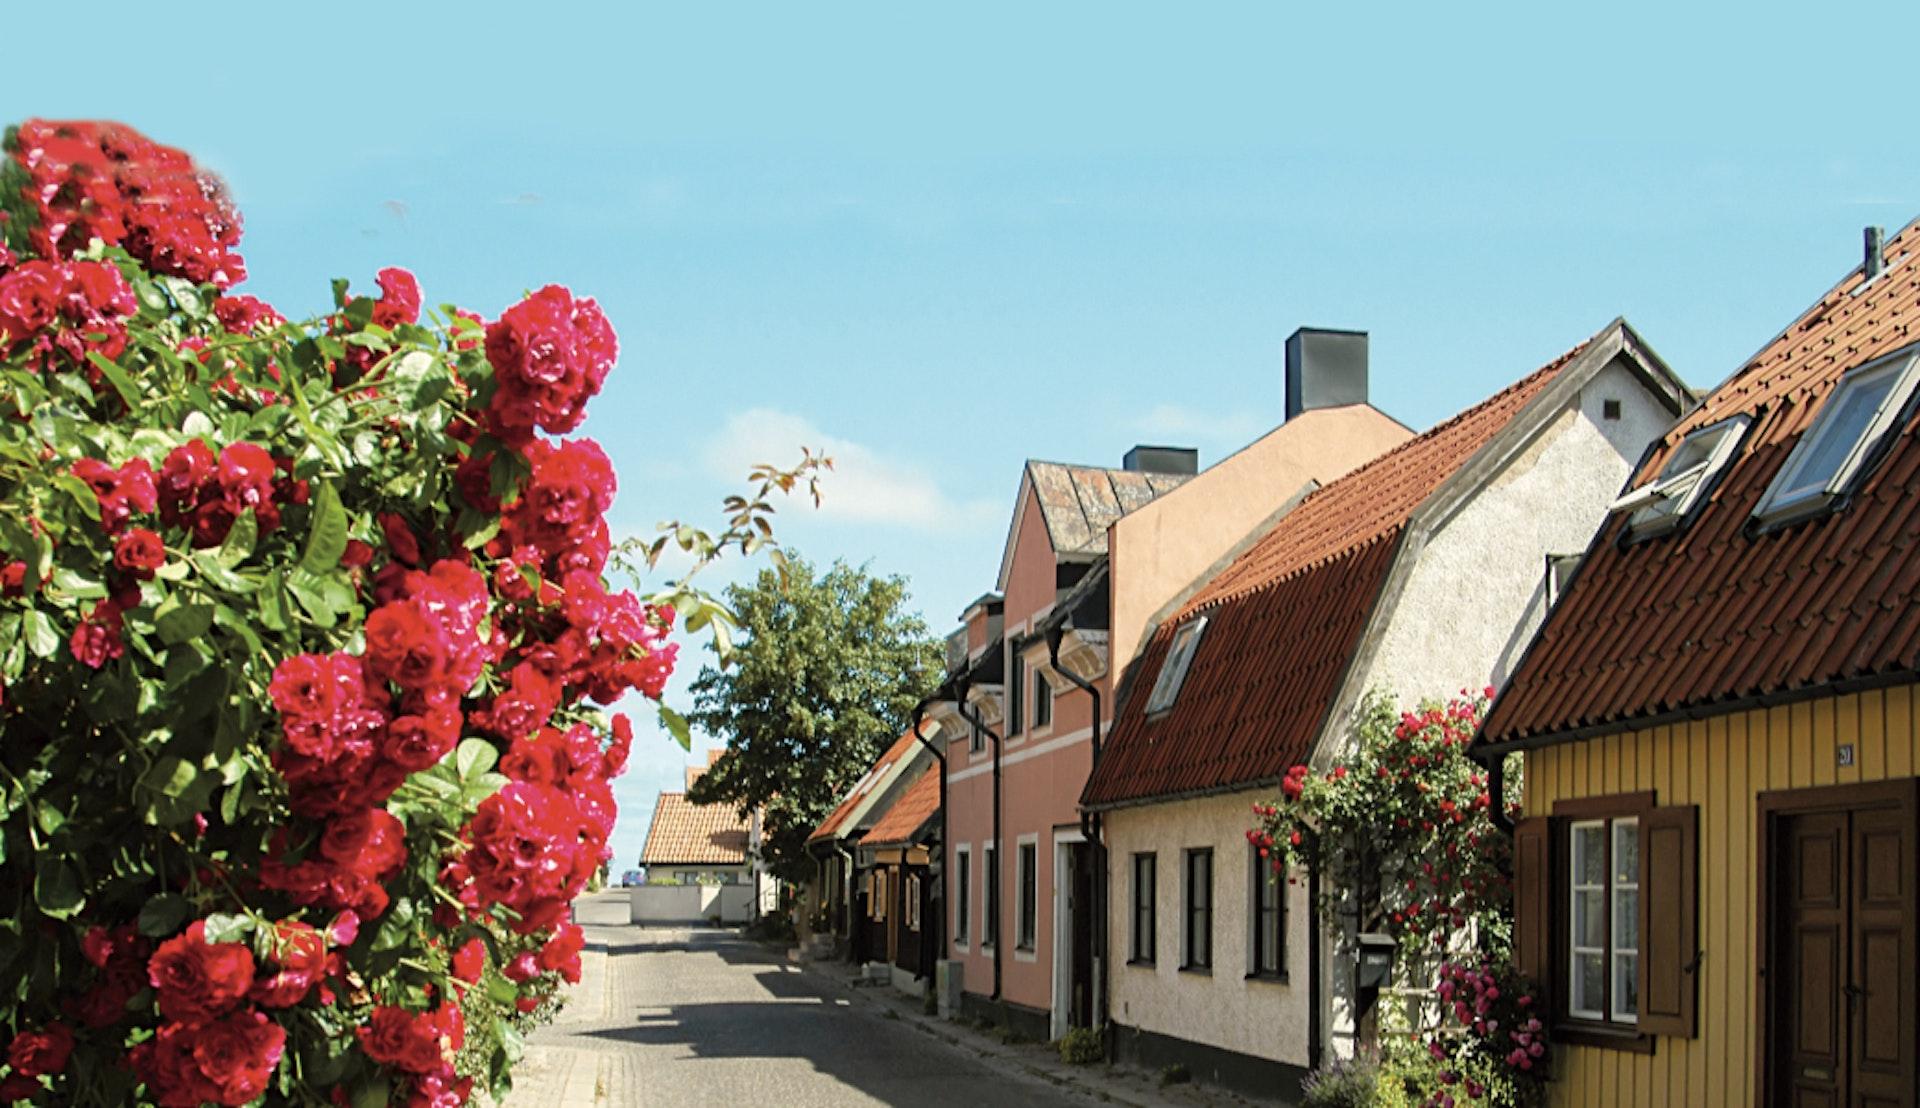 Mysig kullerstensgata i Visby på Gotland.